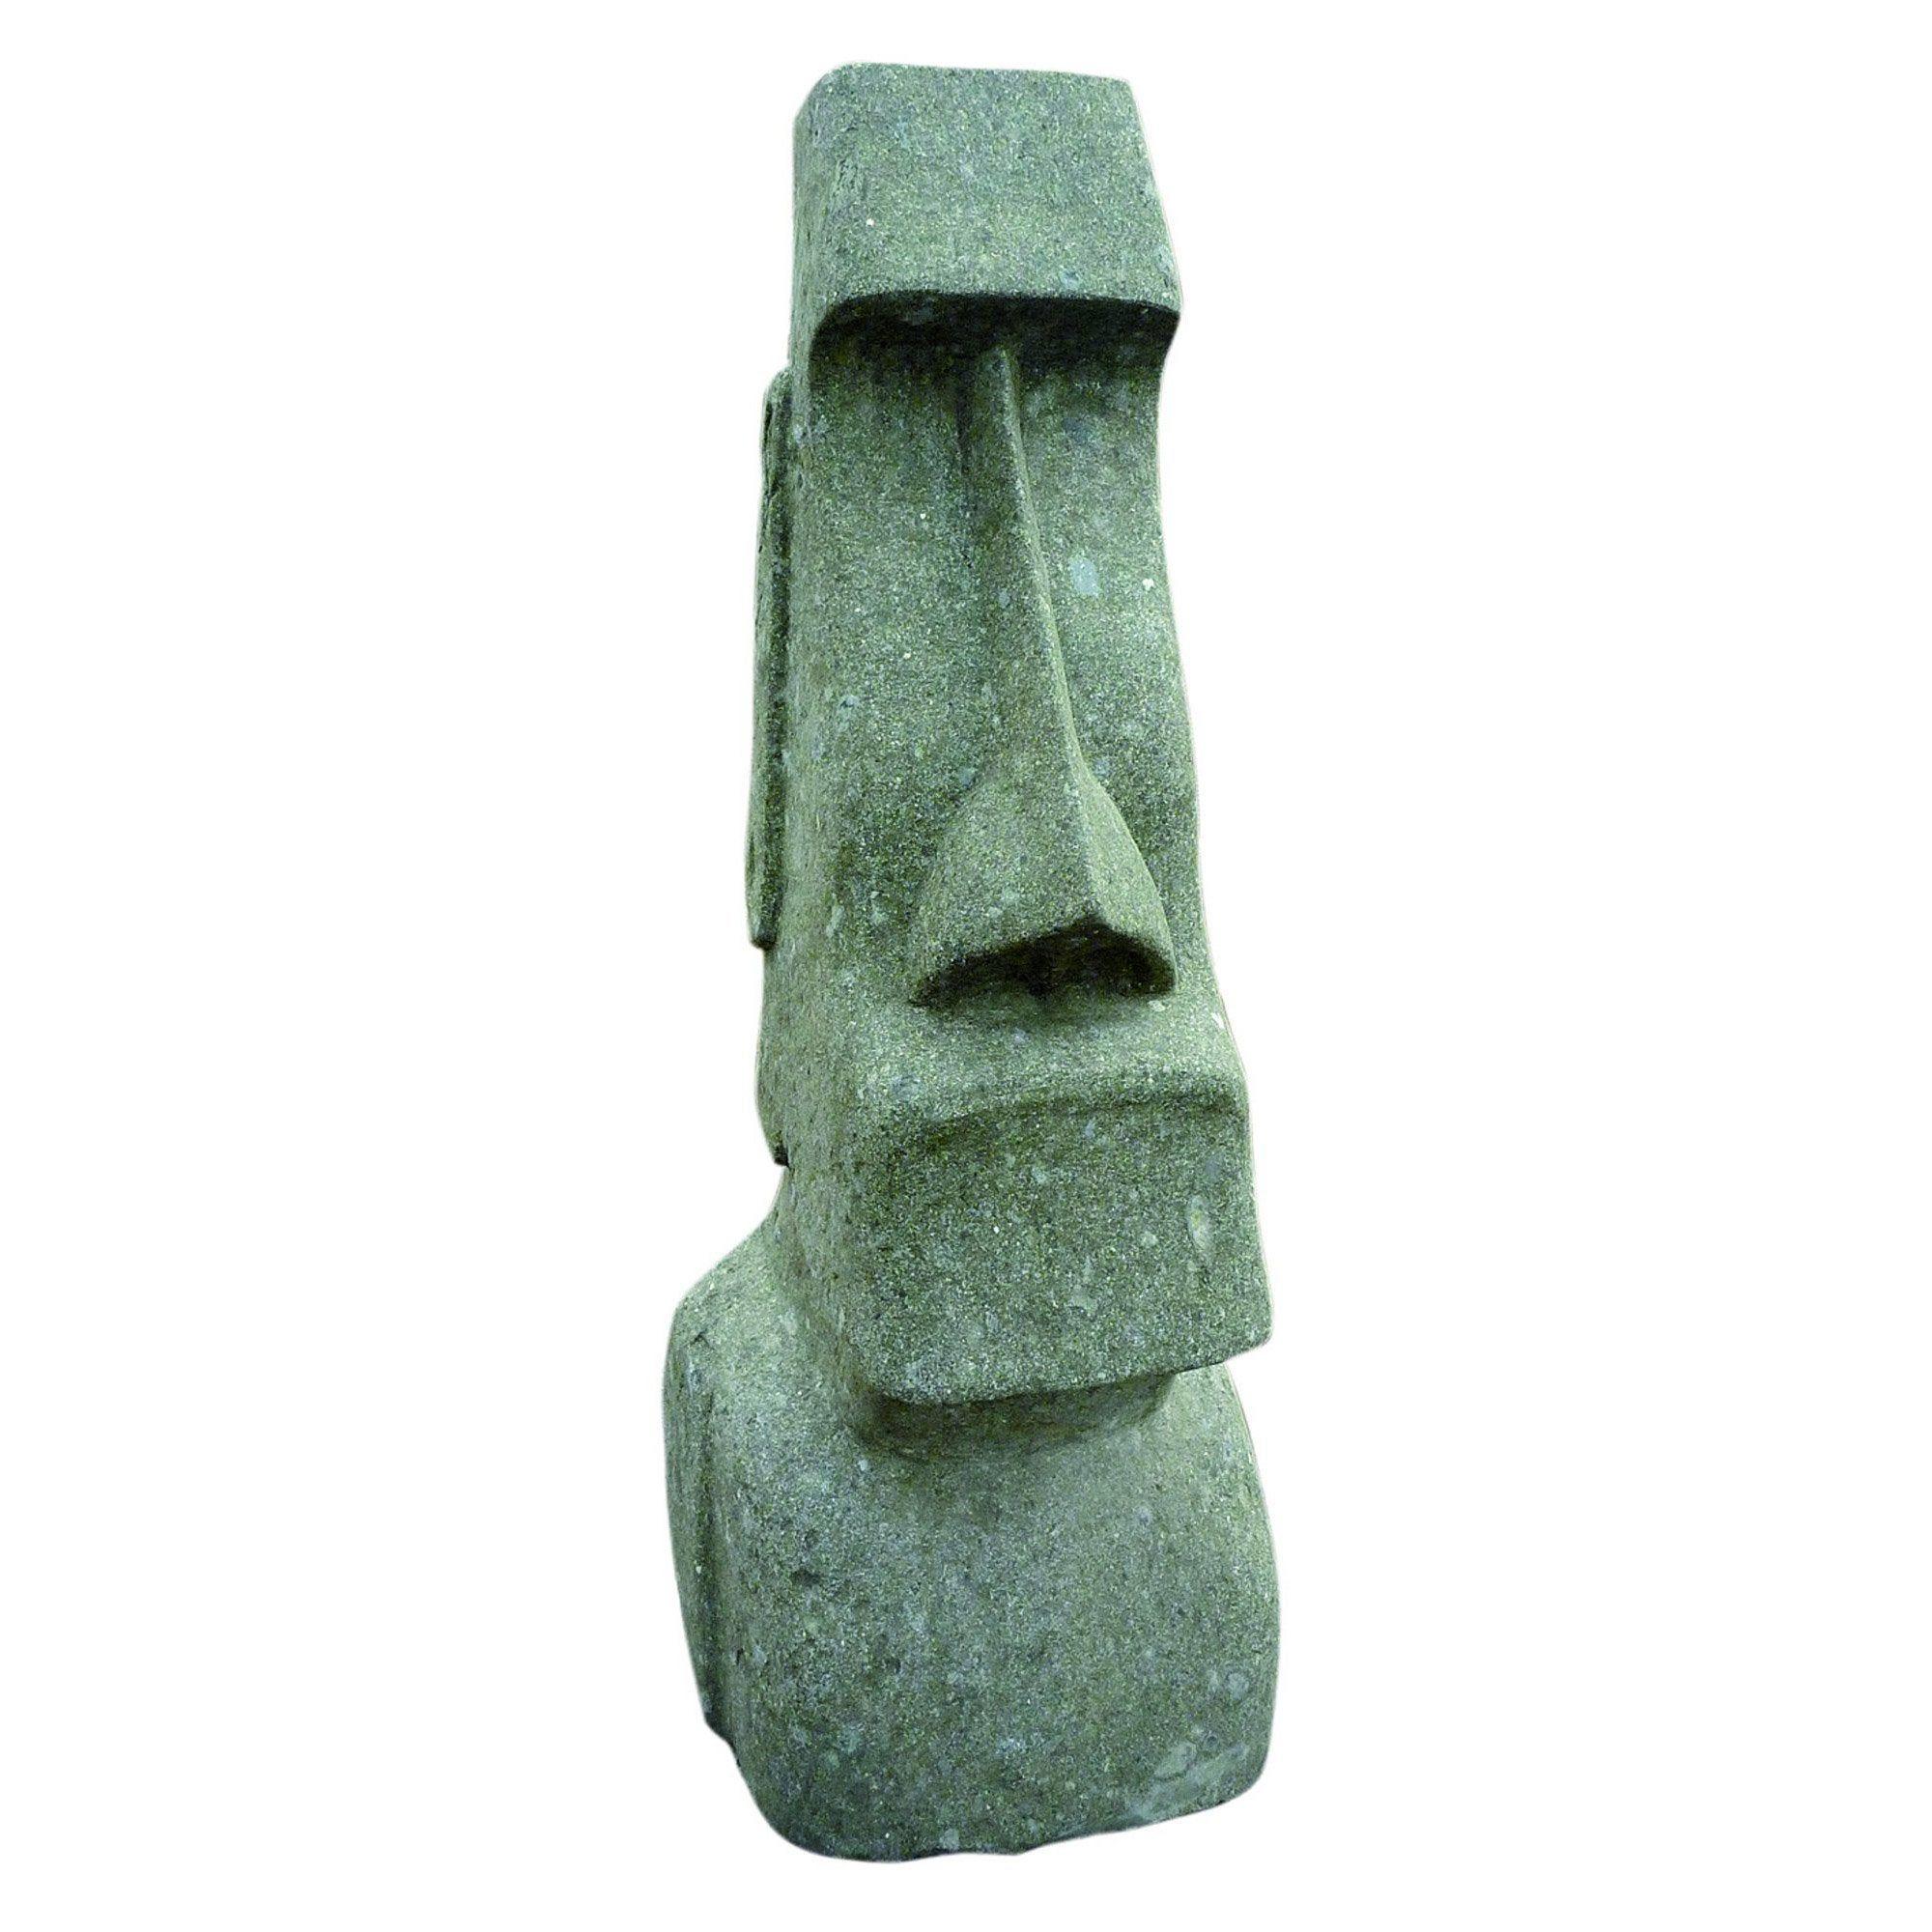 Décoration de jardin statue Moai taillée dans basanite naturelle 150 cm 440kg